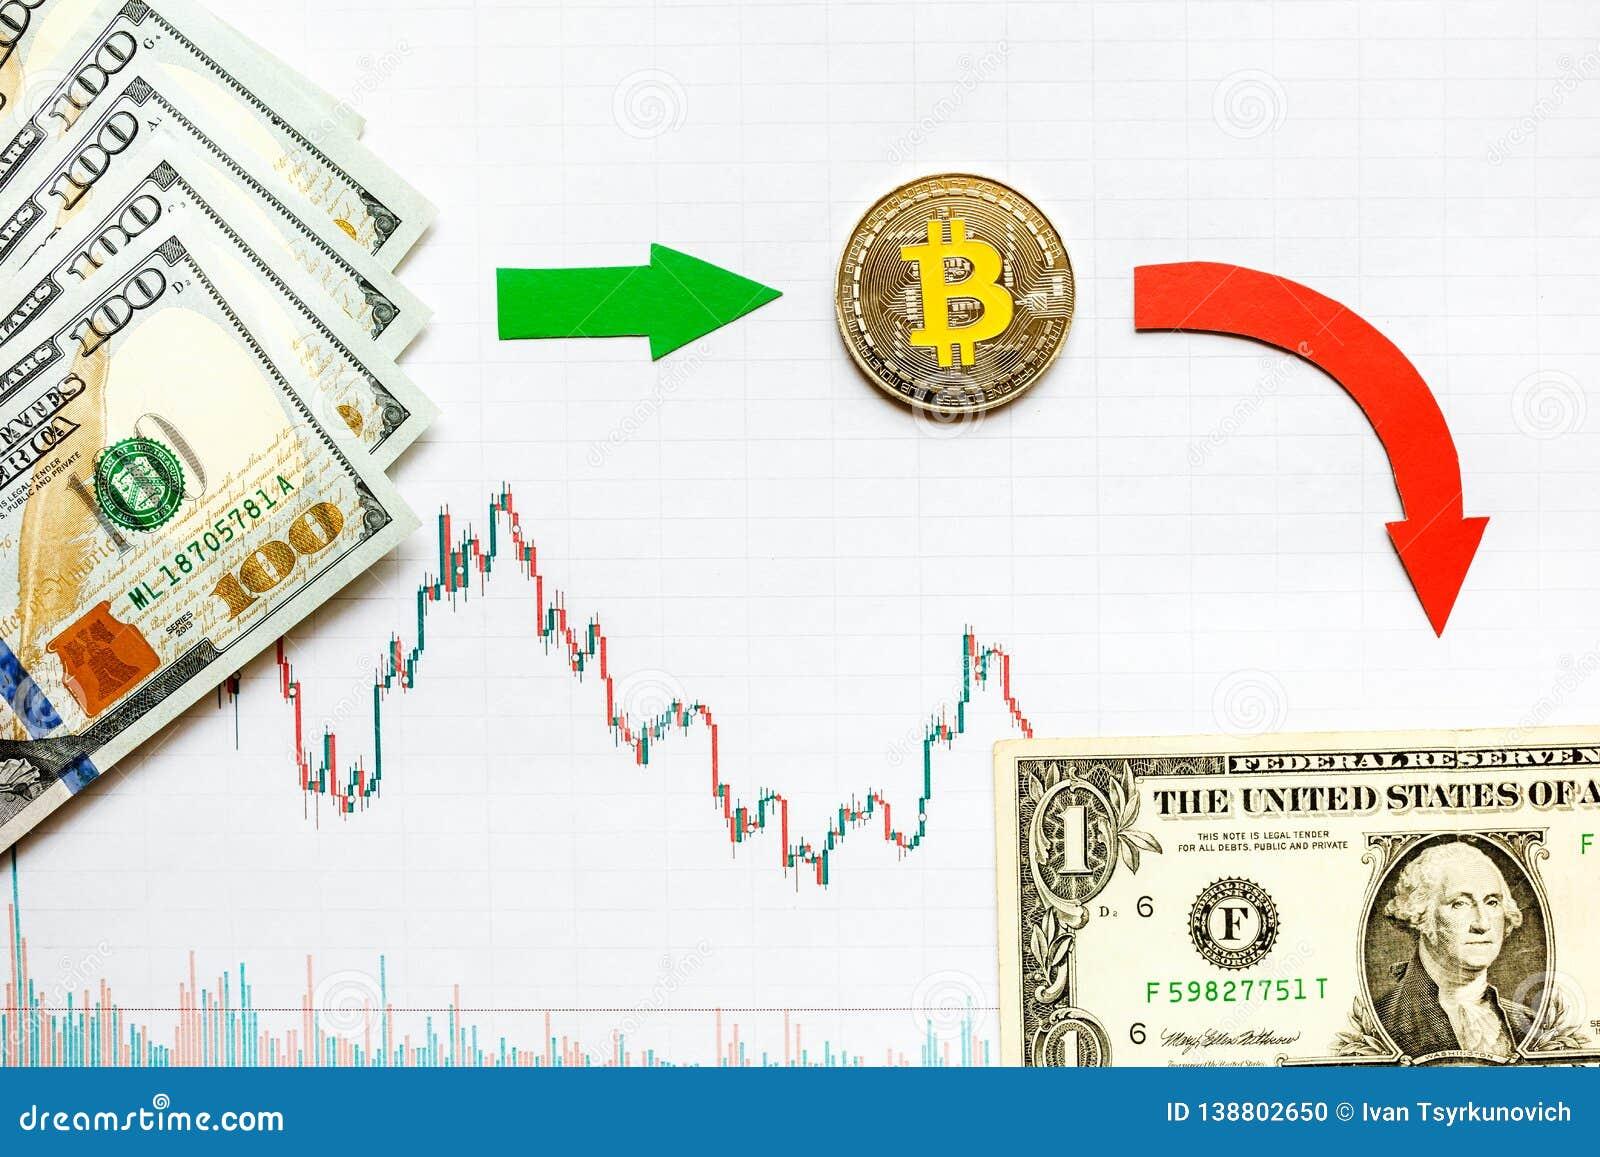 Câți bani poți câștiga cu mineritul bitcoin